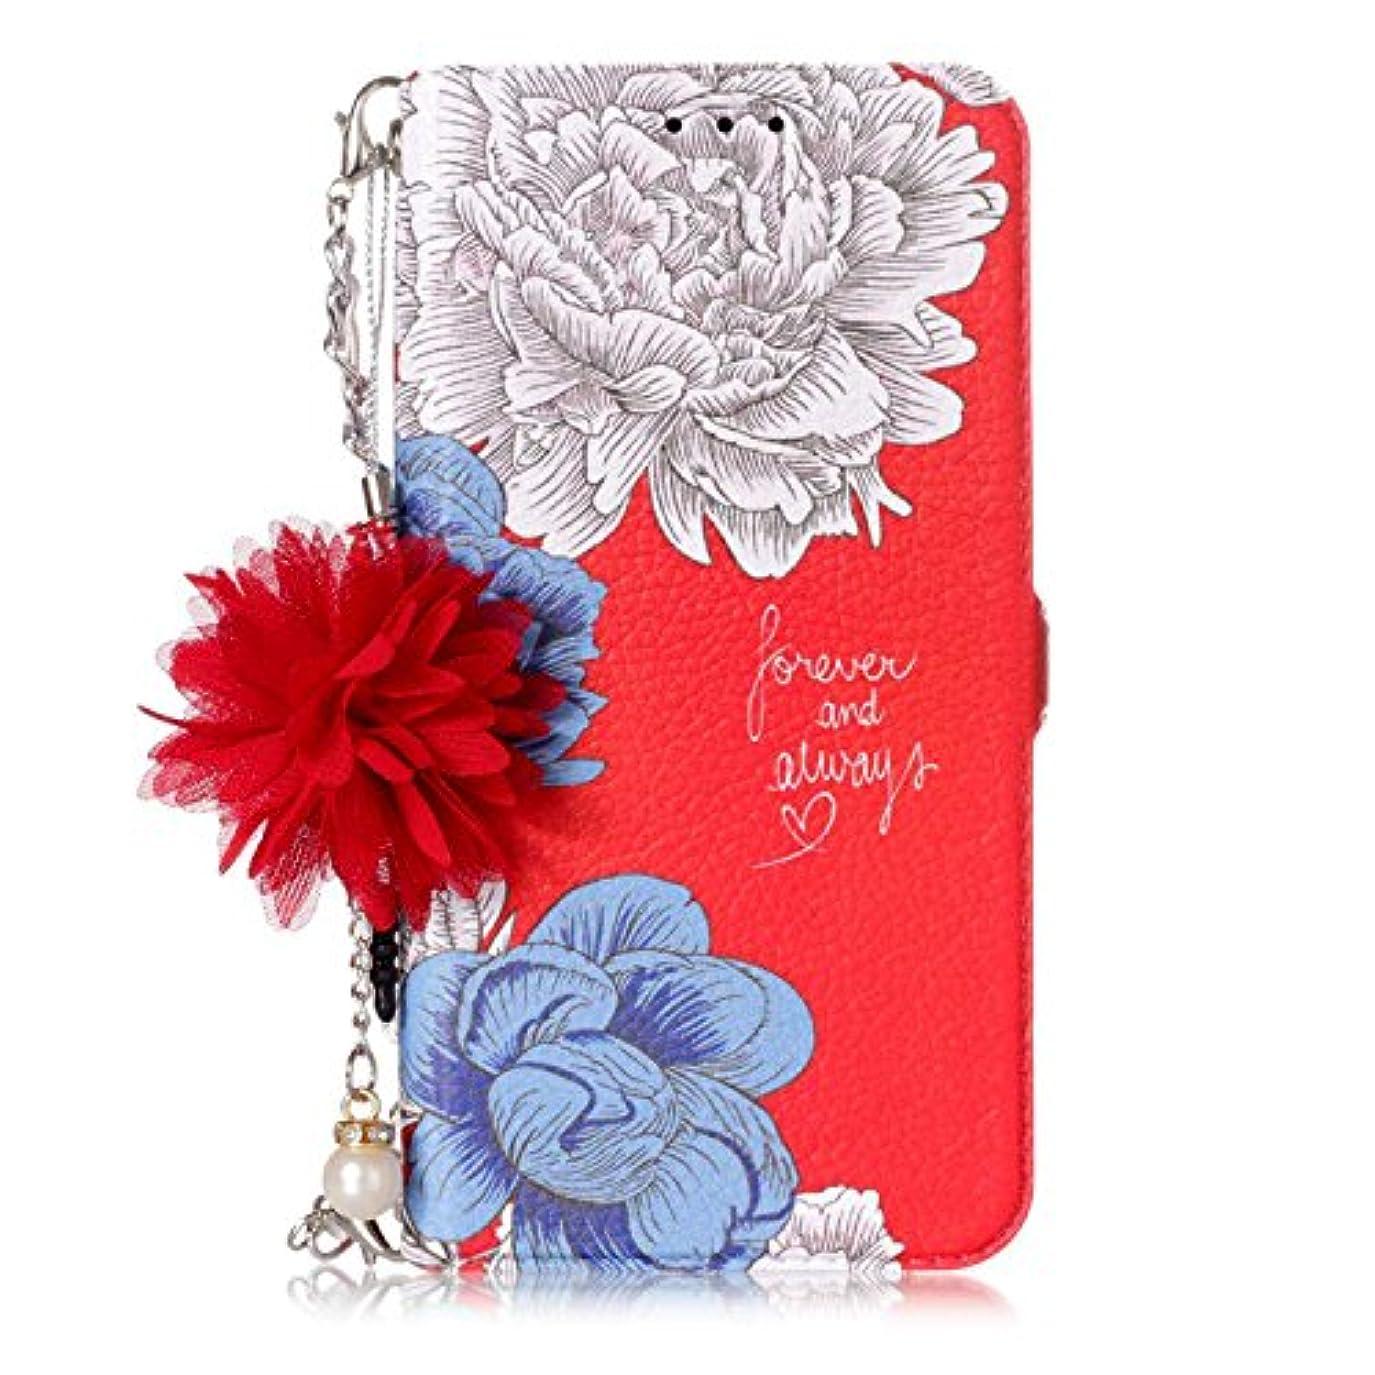 疫病チャンス出撃者OMATENTI Galaxy S6 Edge ケース, 簡約風 軽量 PU レザー 財布型 カバー ケース, こがら 花柄 人気 かわいい レディース用 ケース ザー カード収納 スタンド 機能 マグネット, Galaxy...